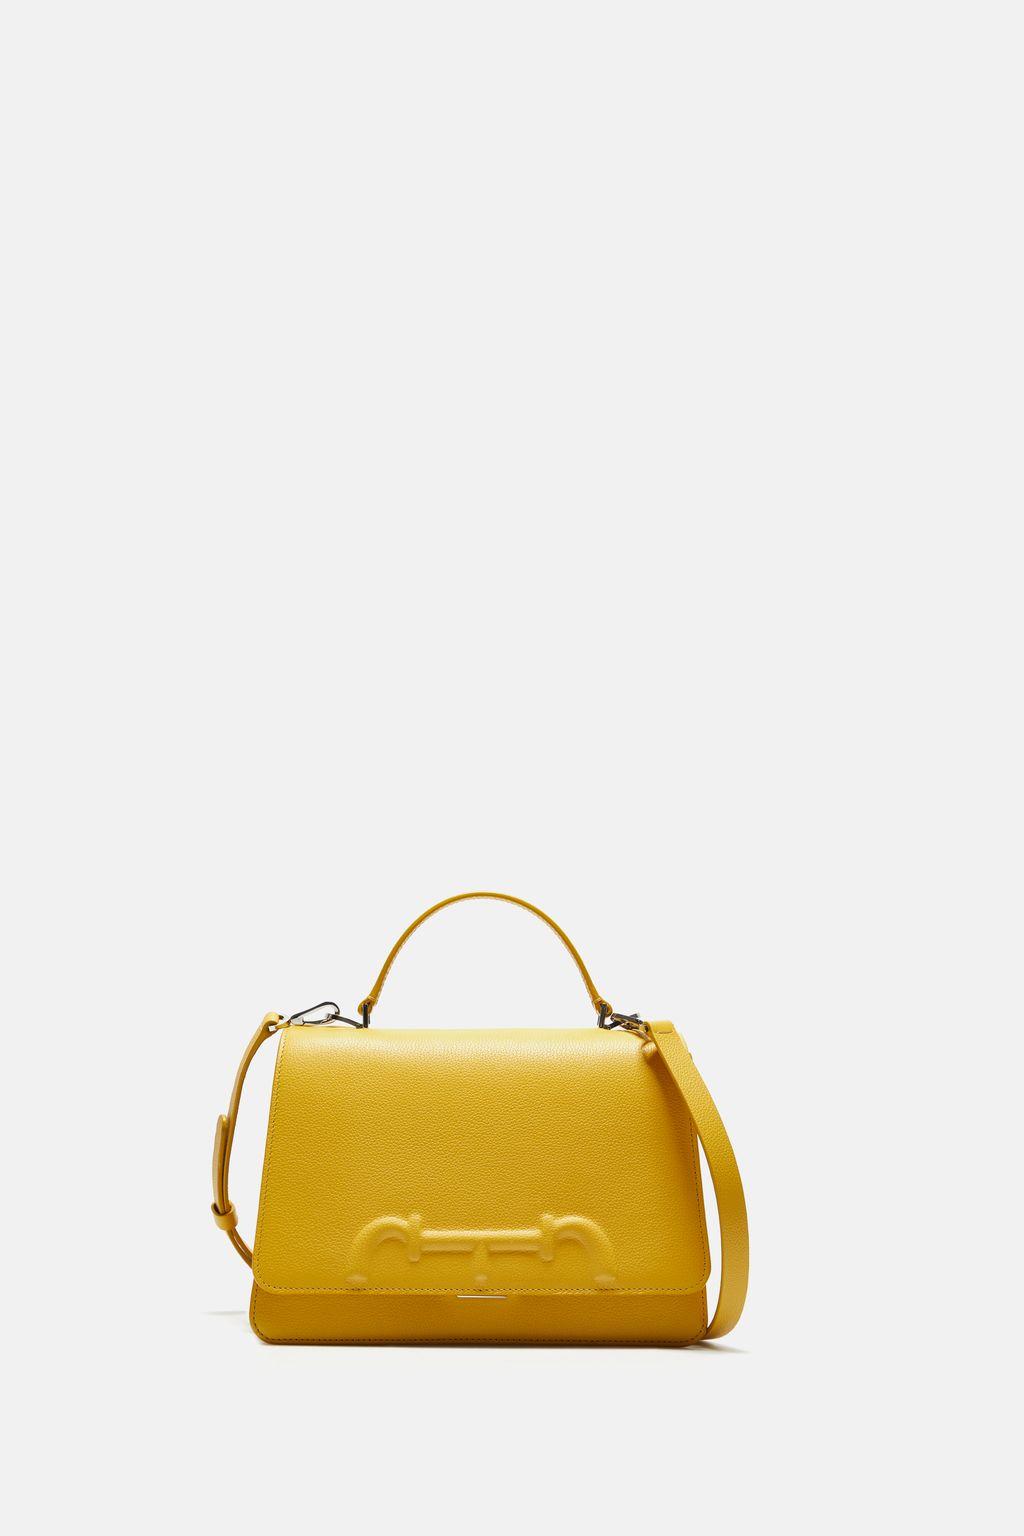 Victoria Insignia Satchel | Medium shoulder bag